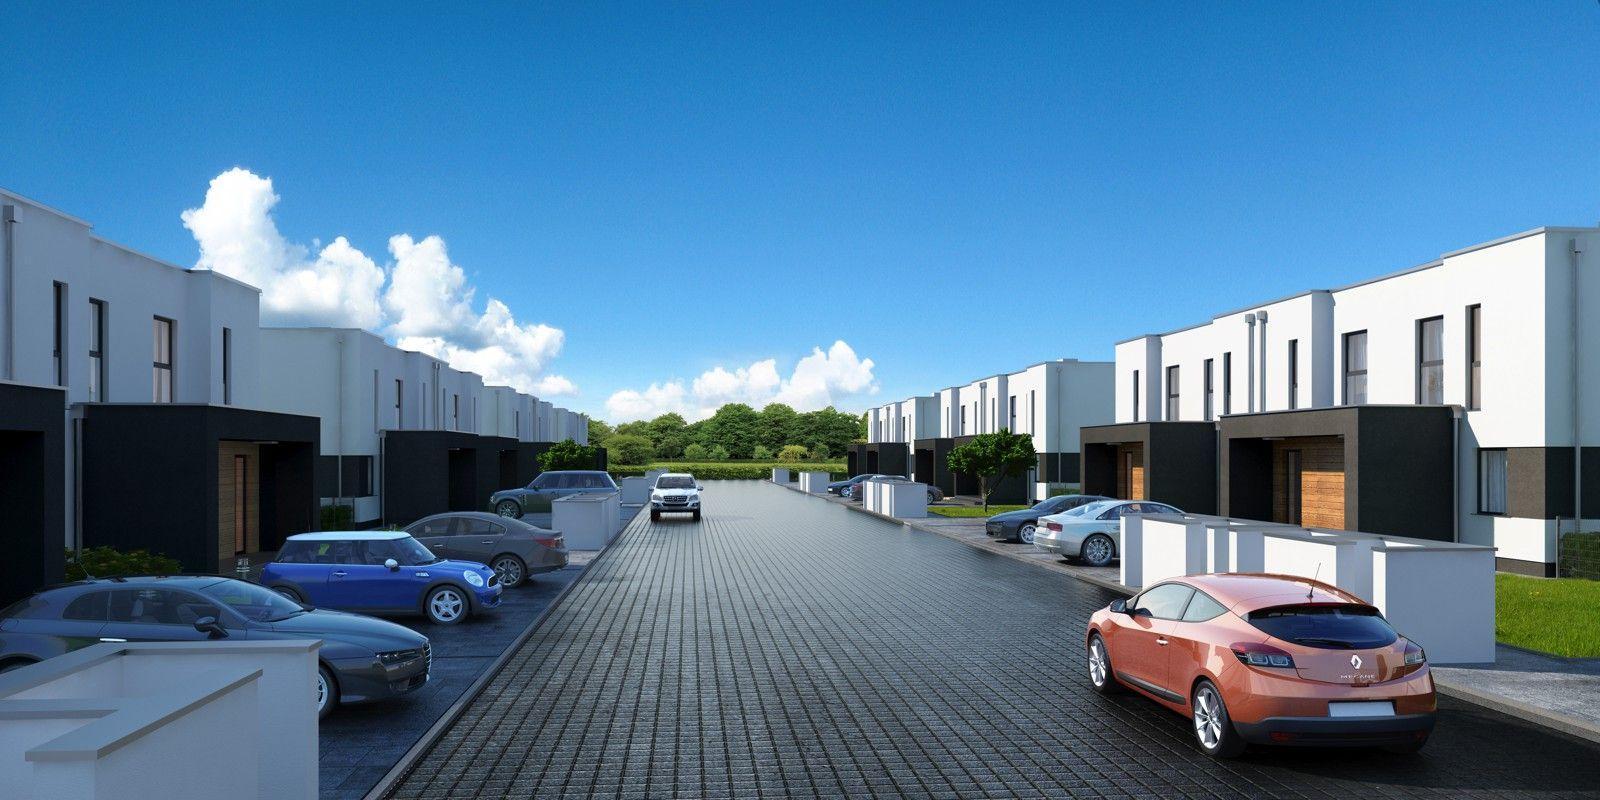 osiedlowa ulica - wizualizacja